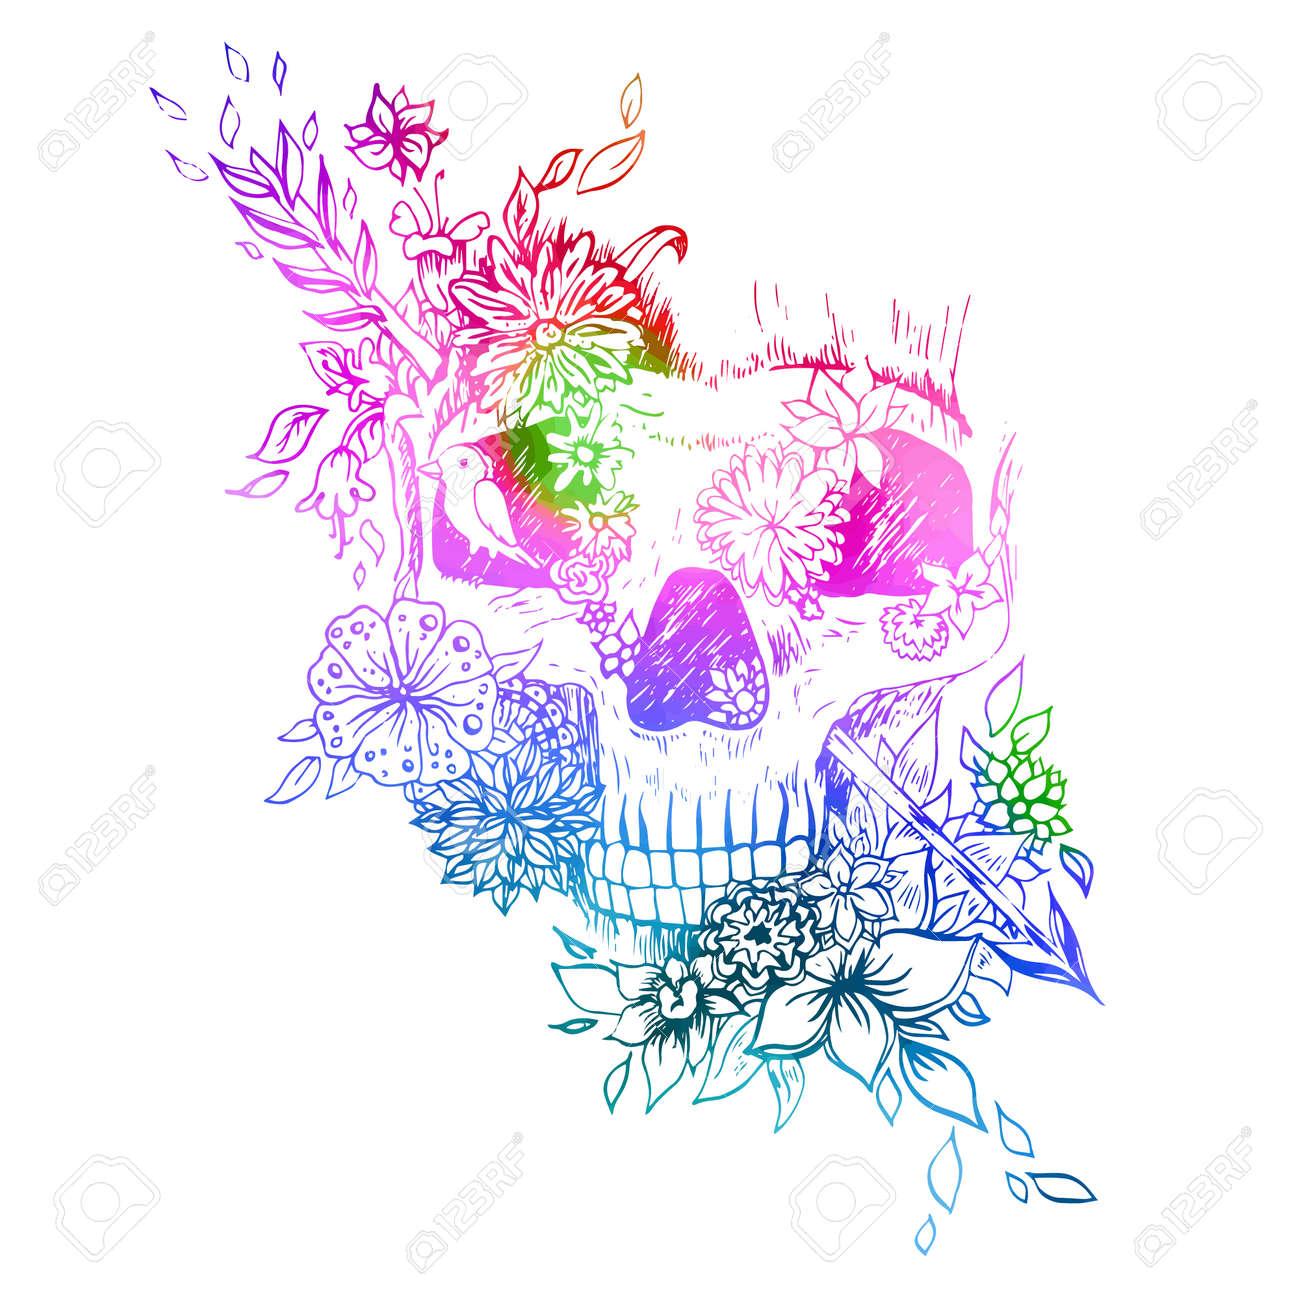 Acuarela Cráneo Aislado. Esbozo De Grabado. Cráneo De Vectores De ...